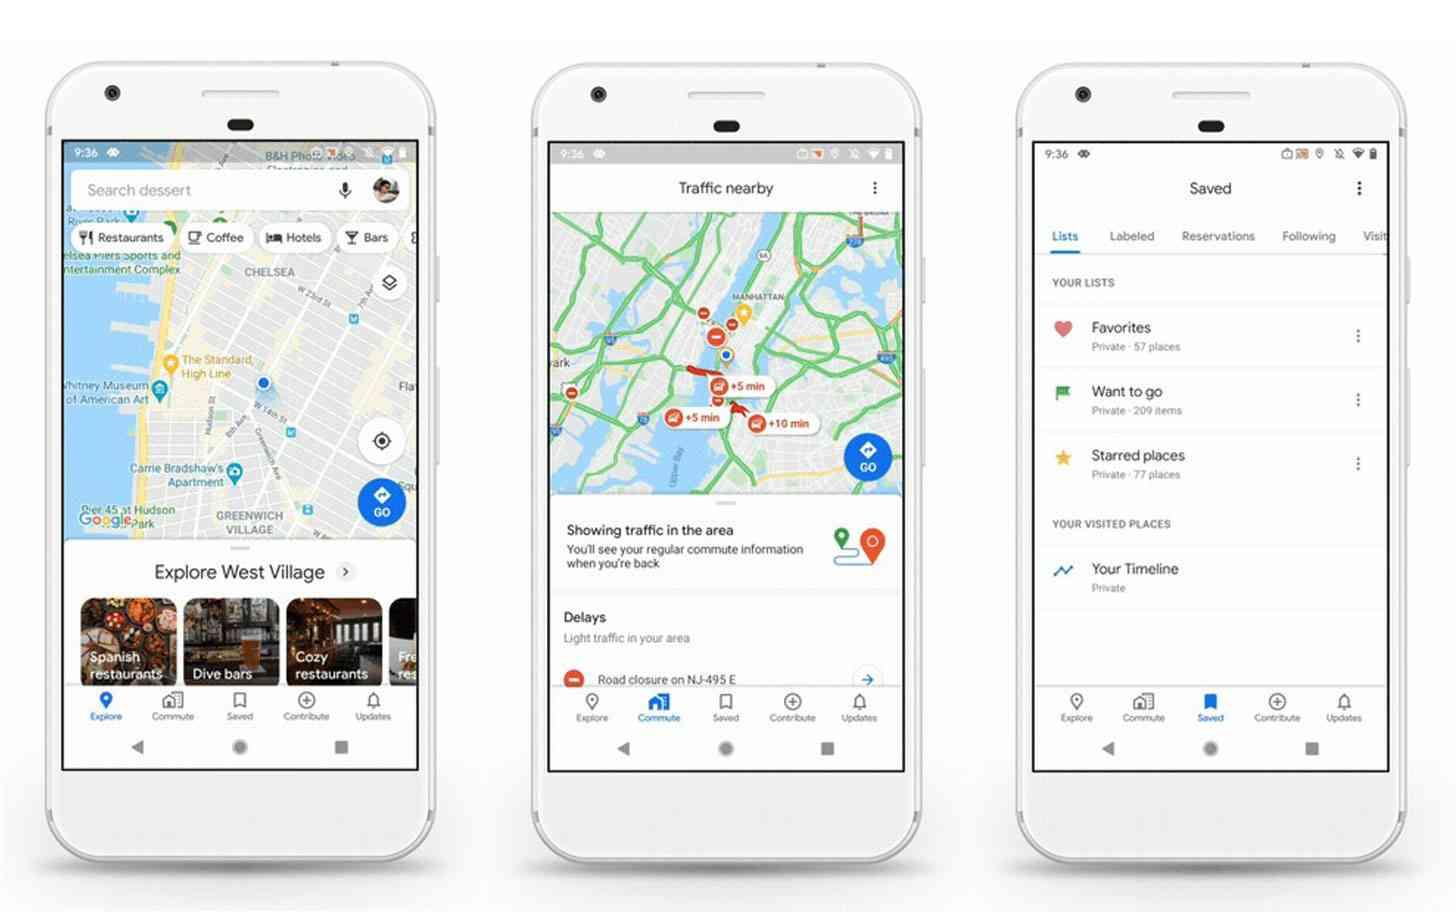 Google Maps bước sang tuổi 15, thay đổi giao diện và biểu tượng mới - 1